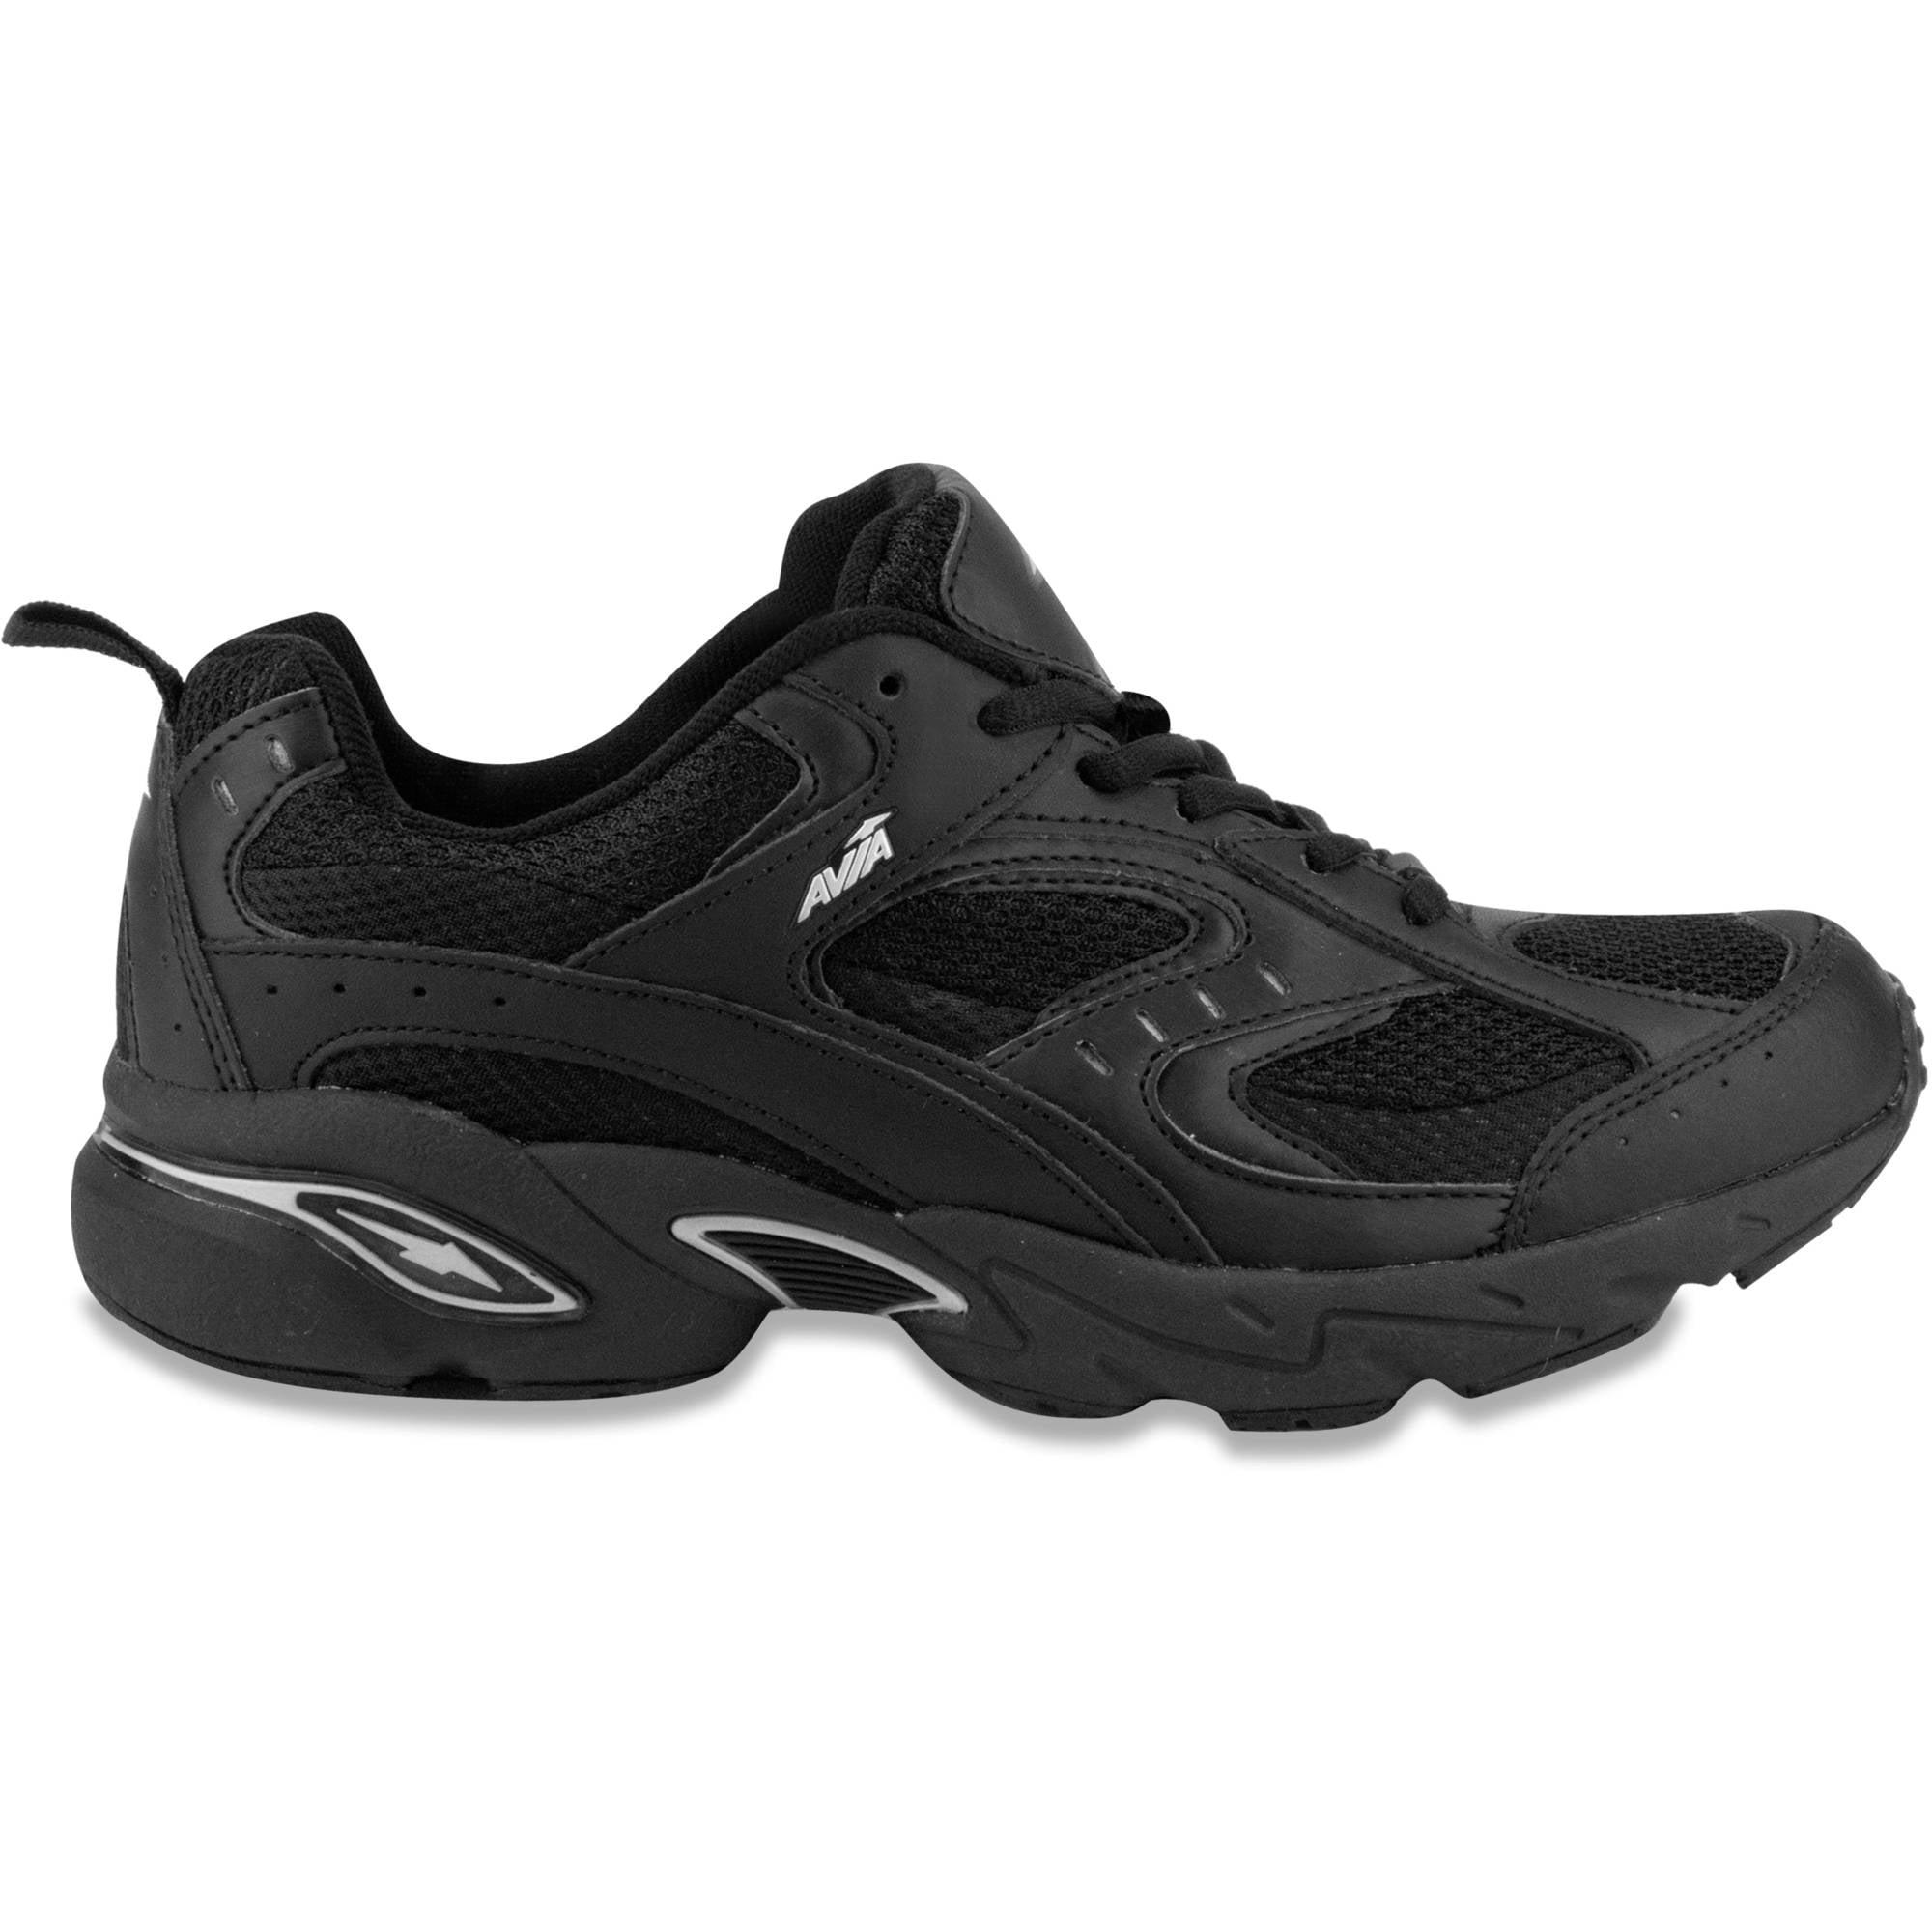 Avia Men's Wyatt Athletic Shoe by